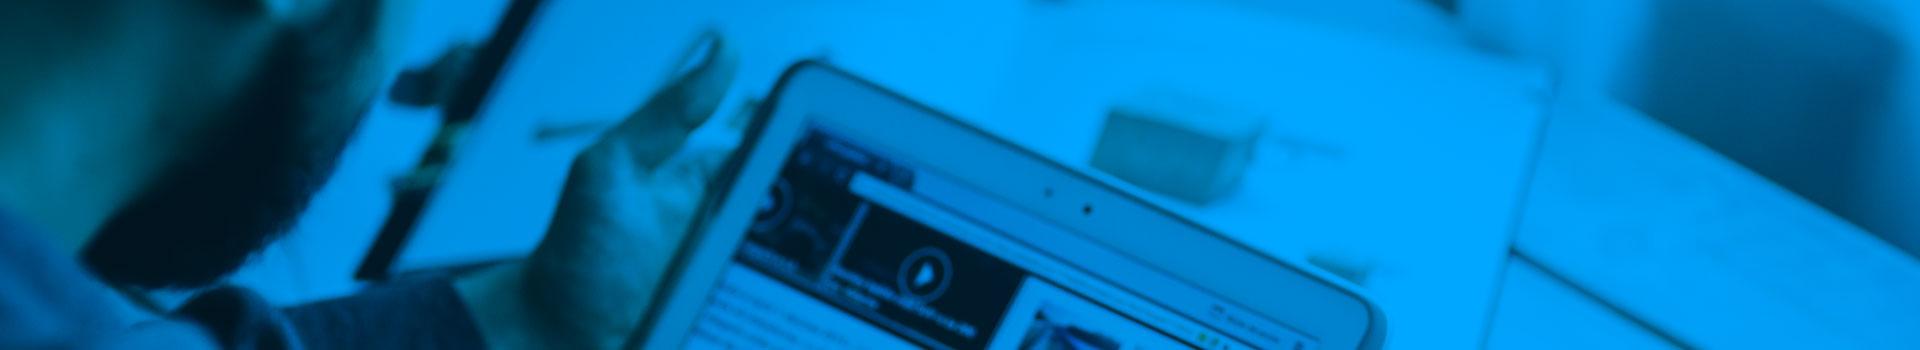 FFE. La régie confiance<br/>Presse et Digital